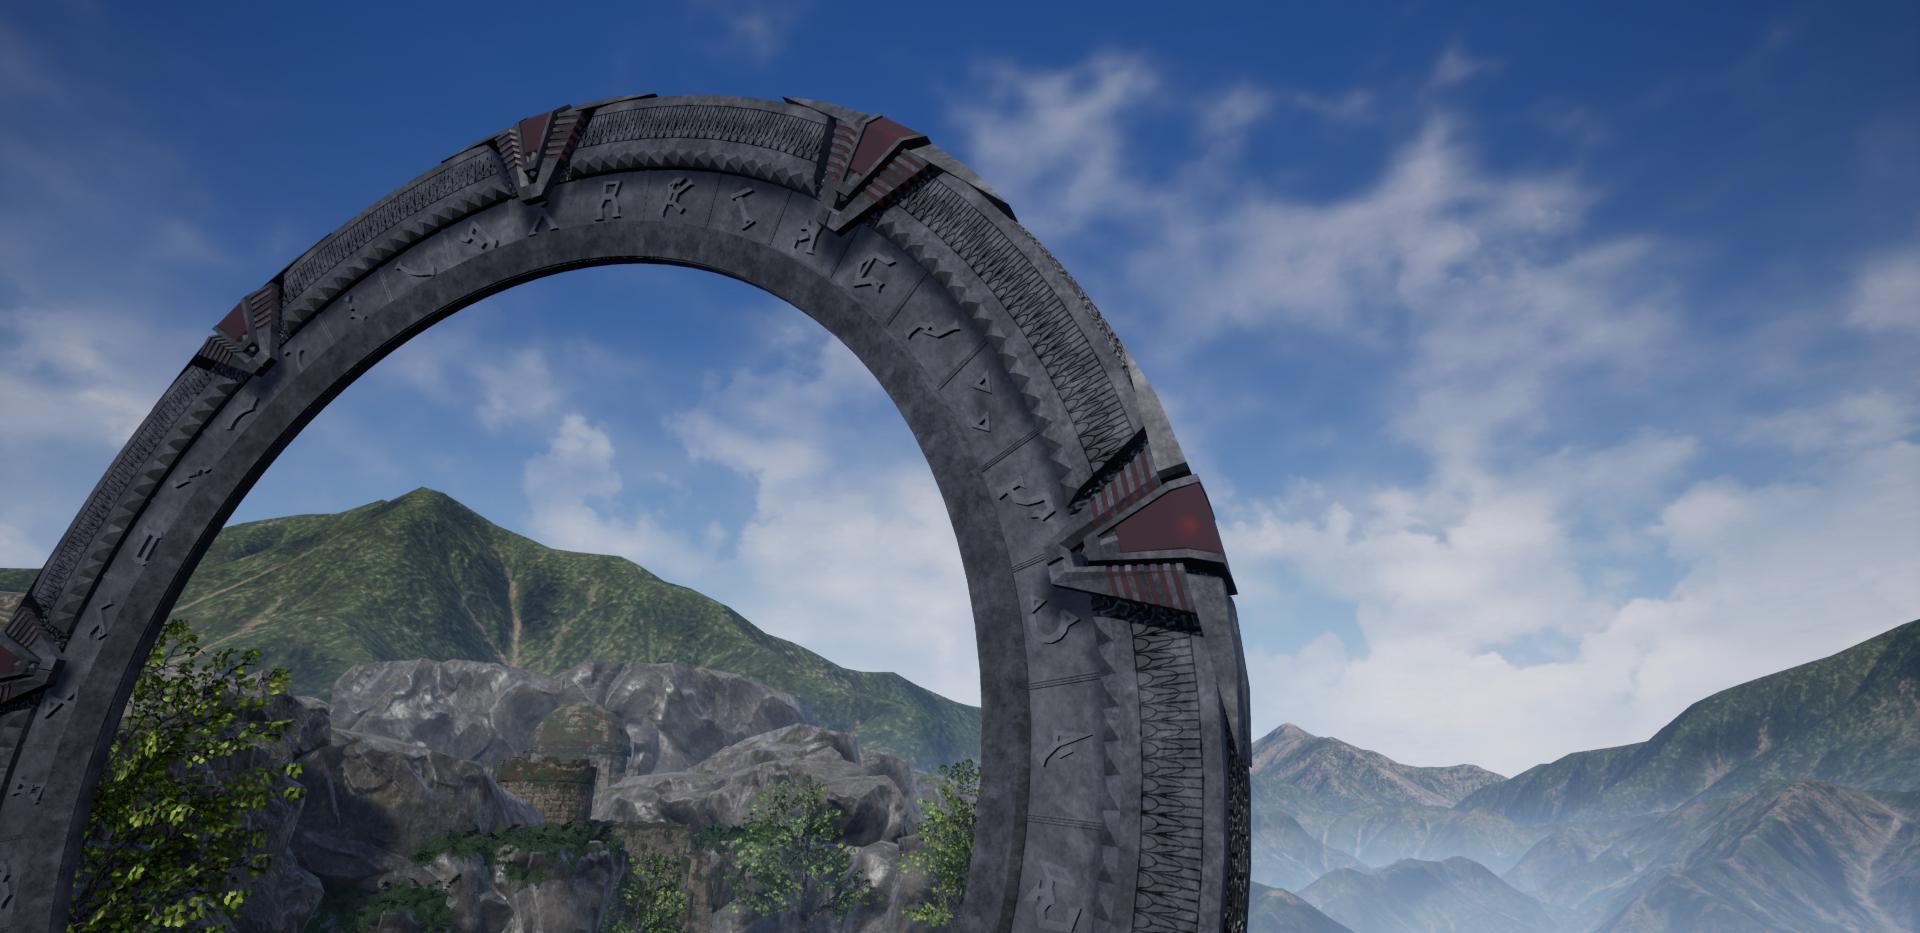 Stargate Closeup